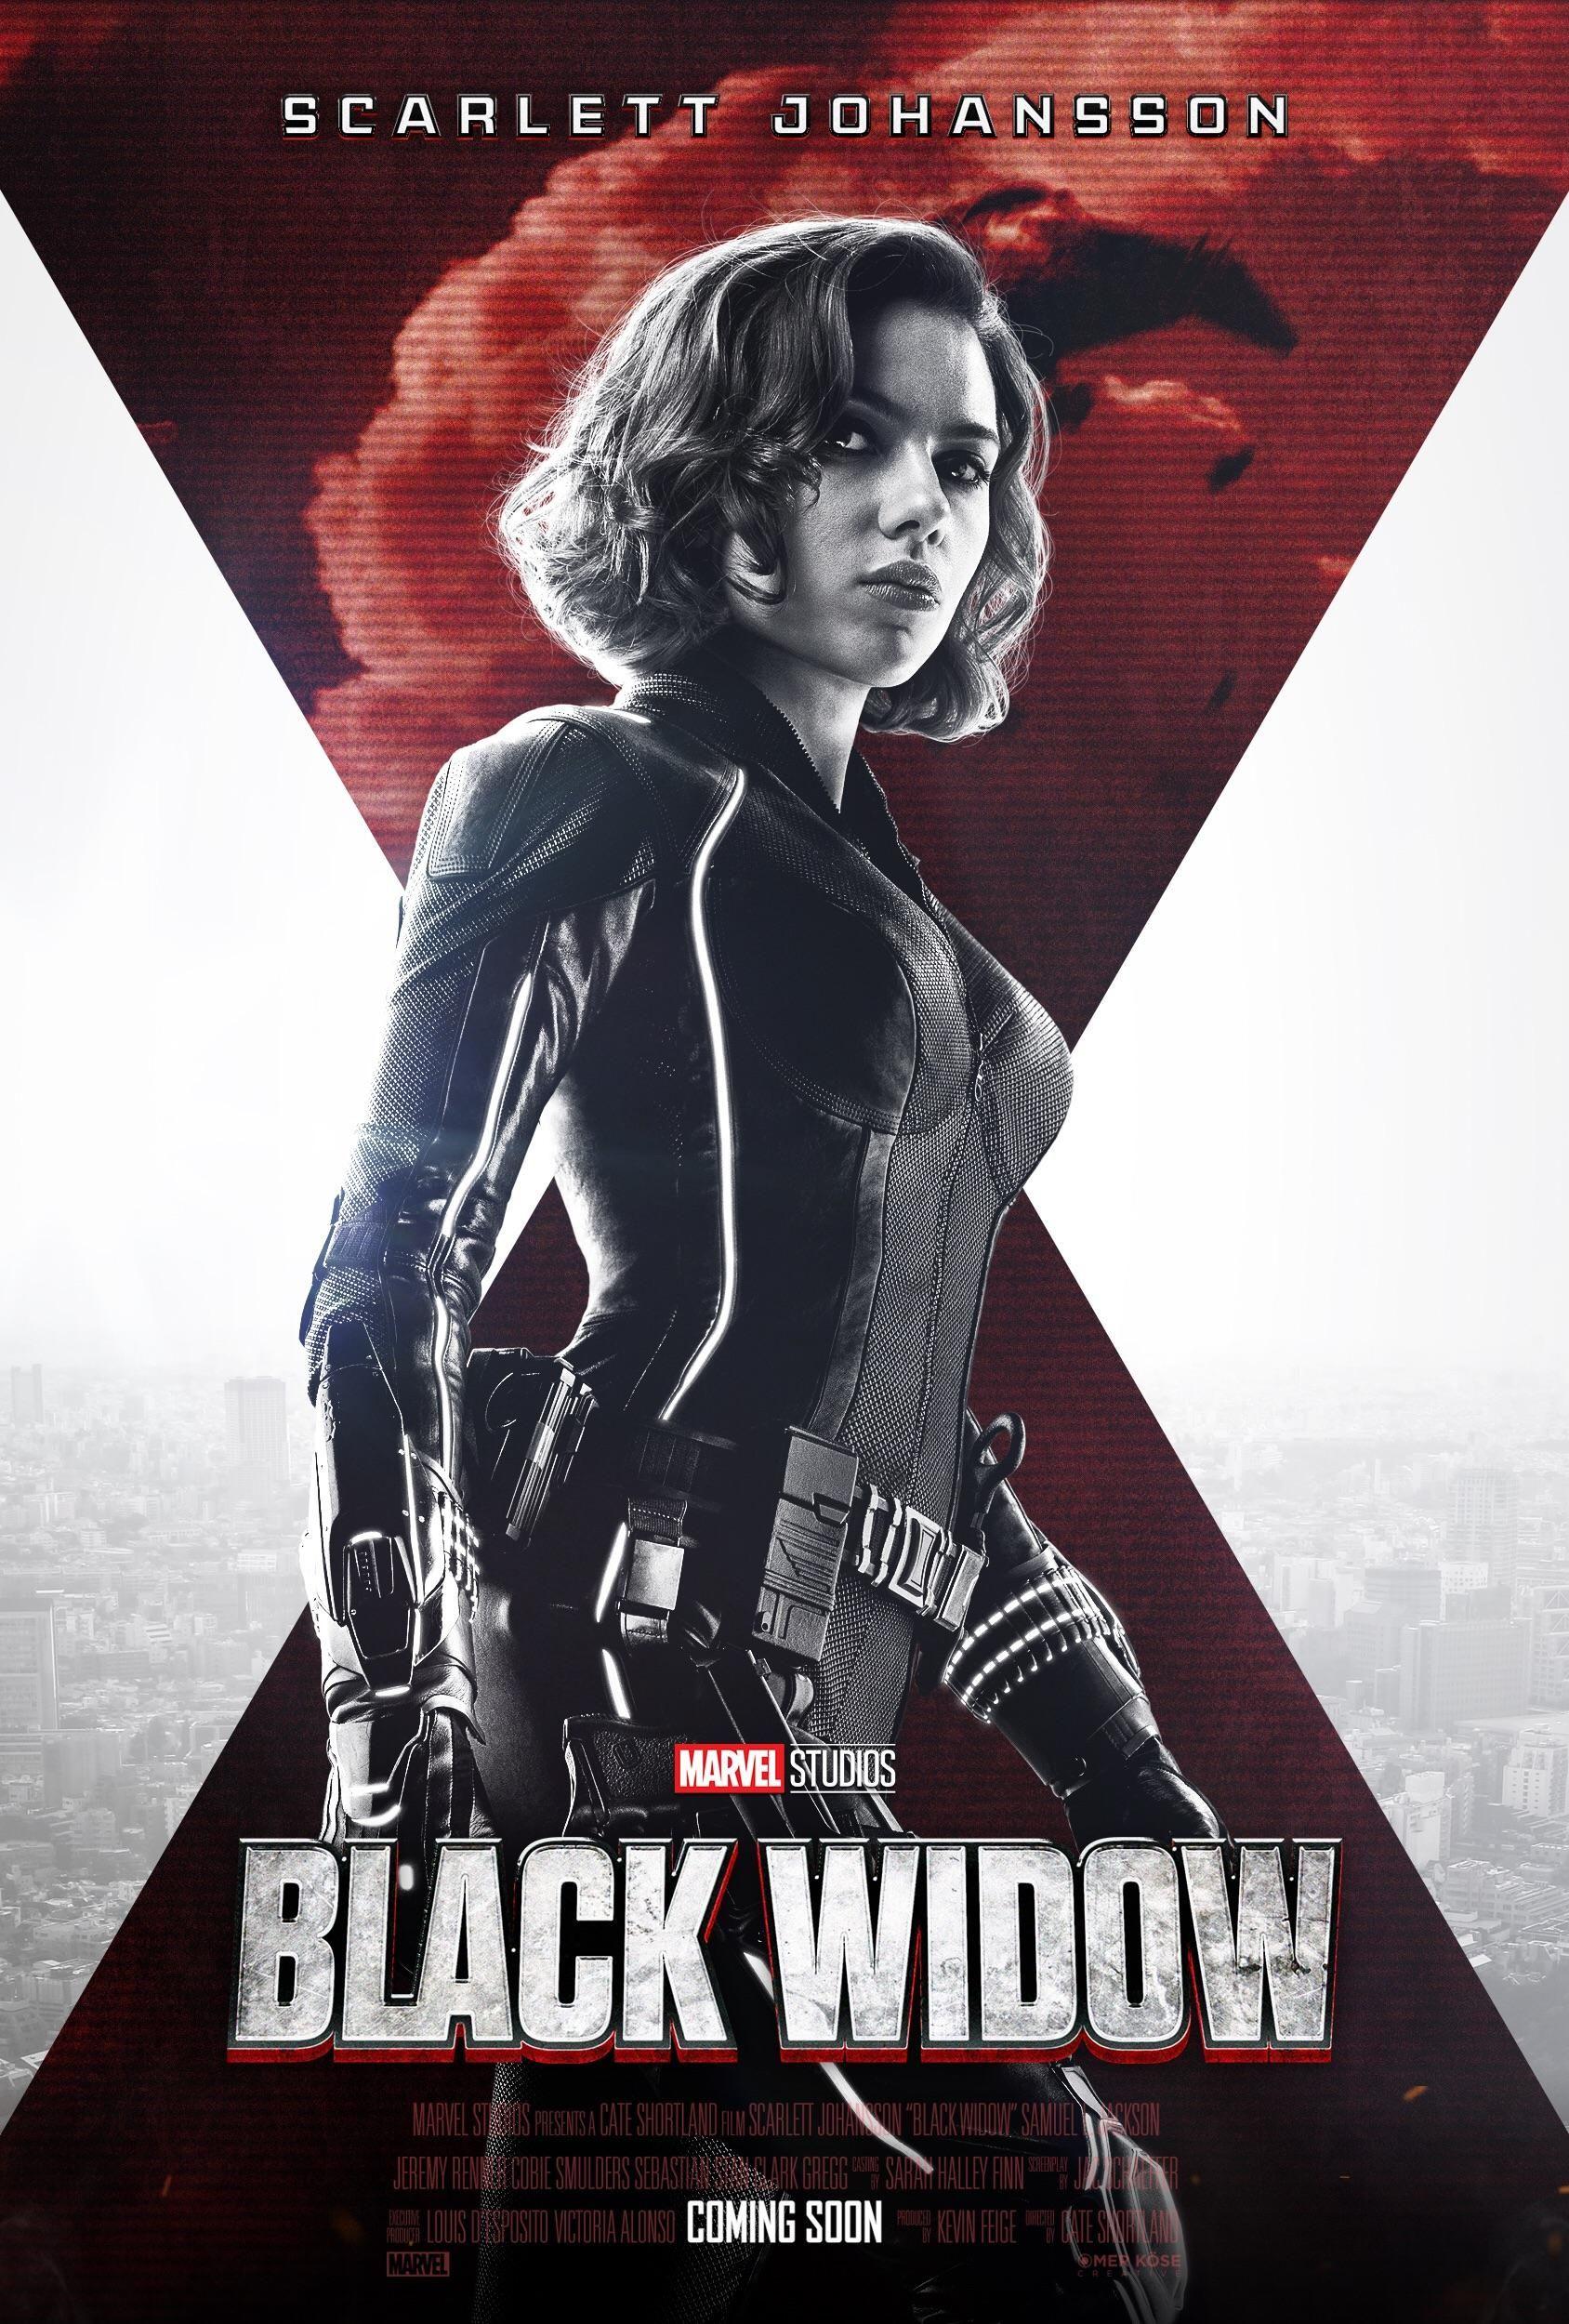 New Movie Black Widow Movies Black widow marvel Black widow 1688x2500